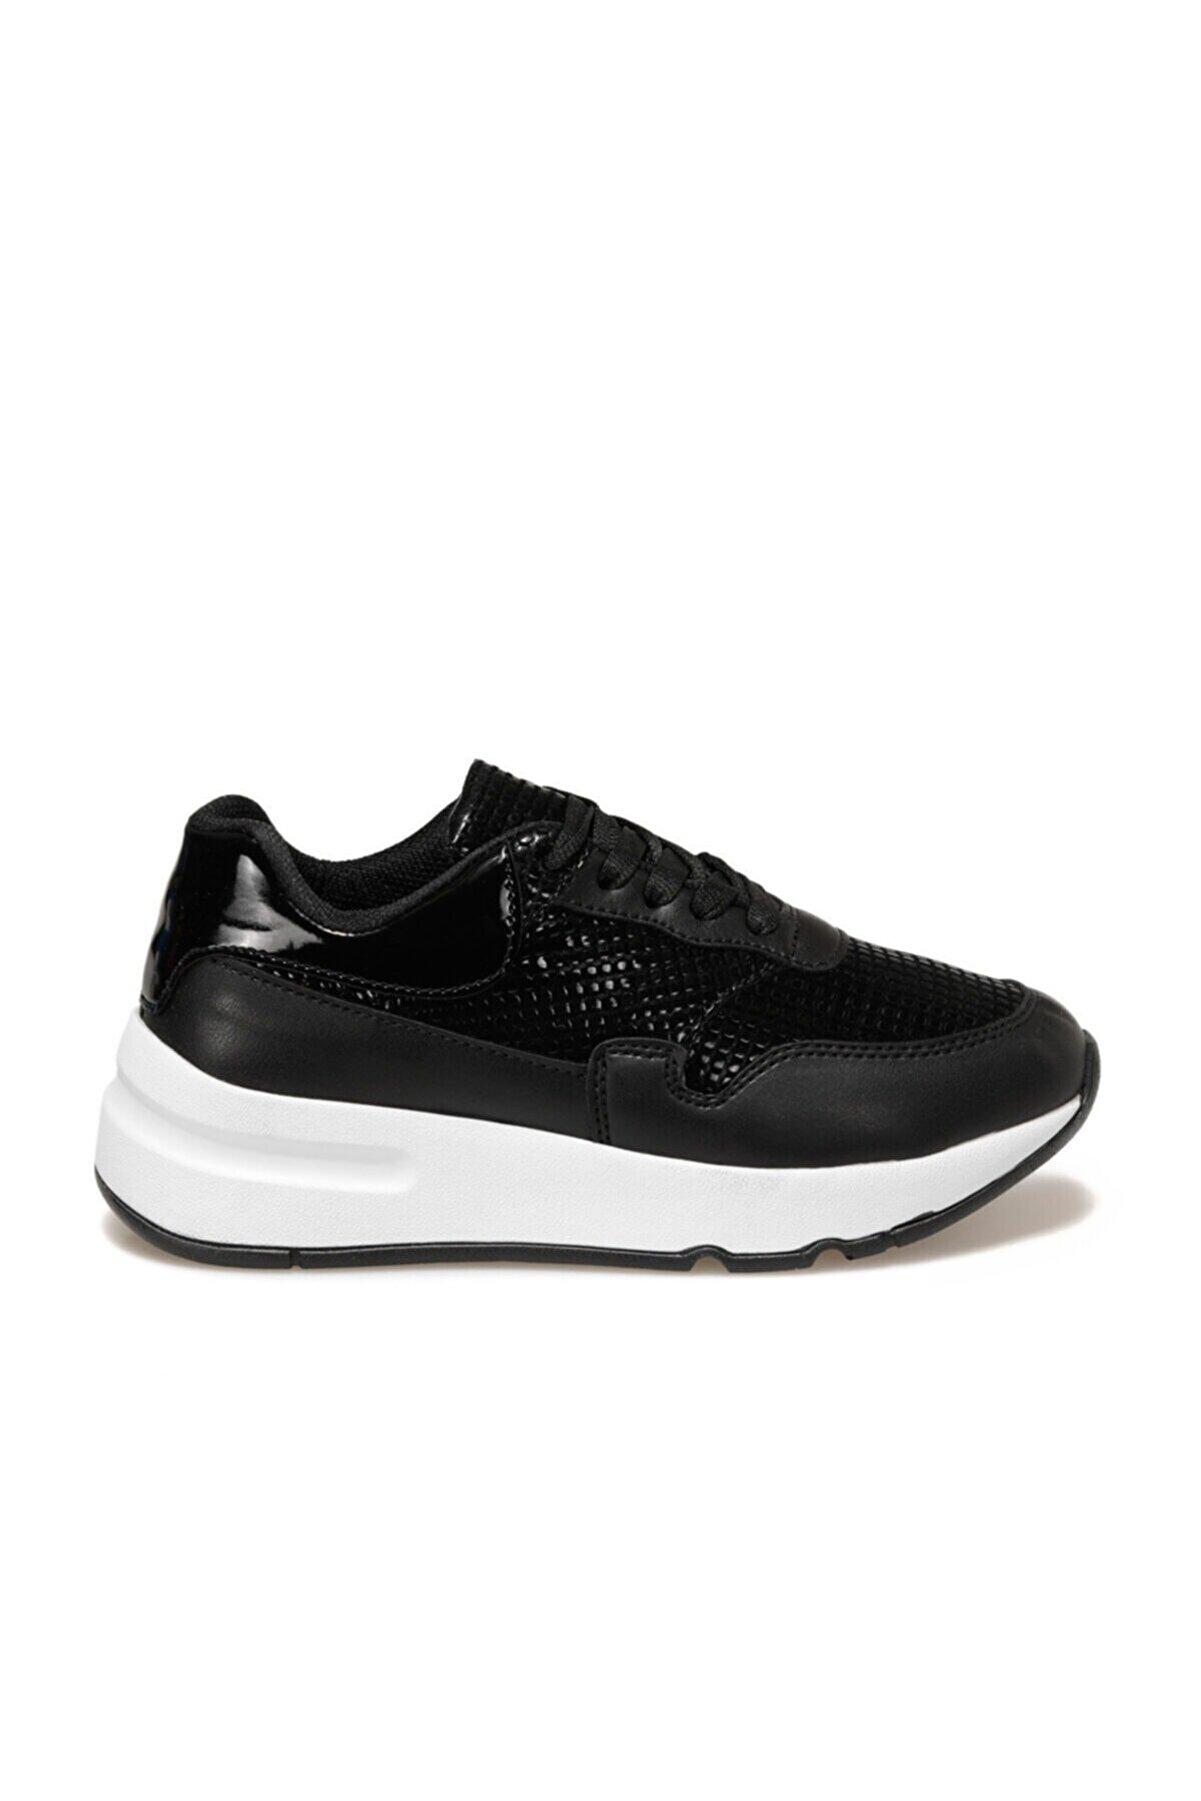 Butigo VERONİCA Siyah Kadın Spor Ayakkabı 100913182